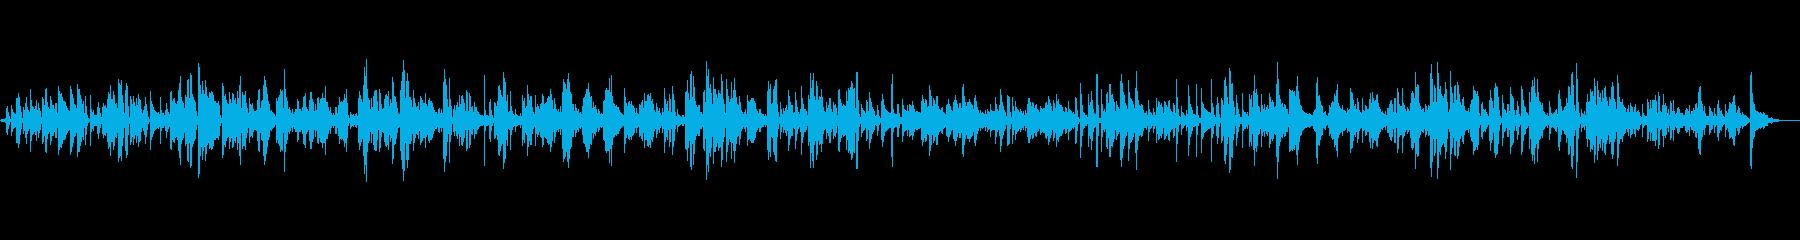 古いレコード風の懐古的日本語ボサノヴァの再生済みの波形